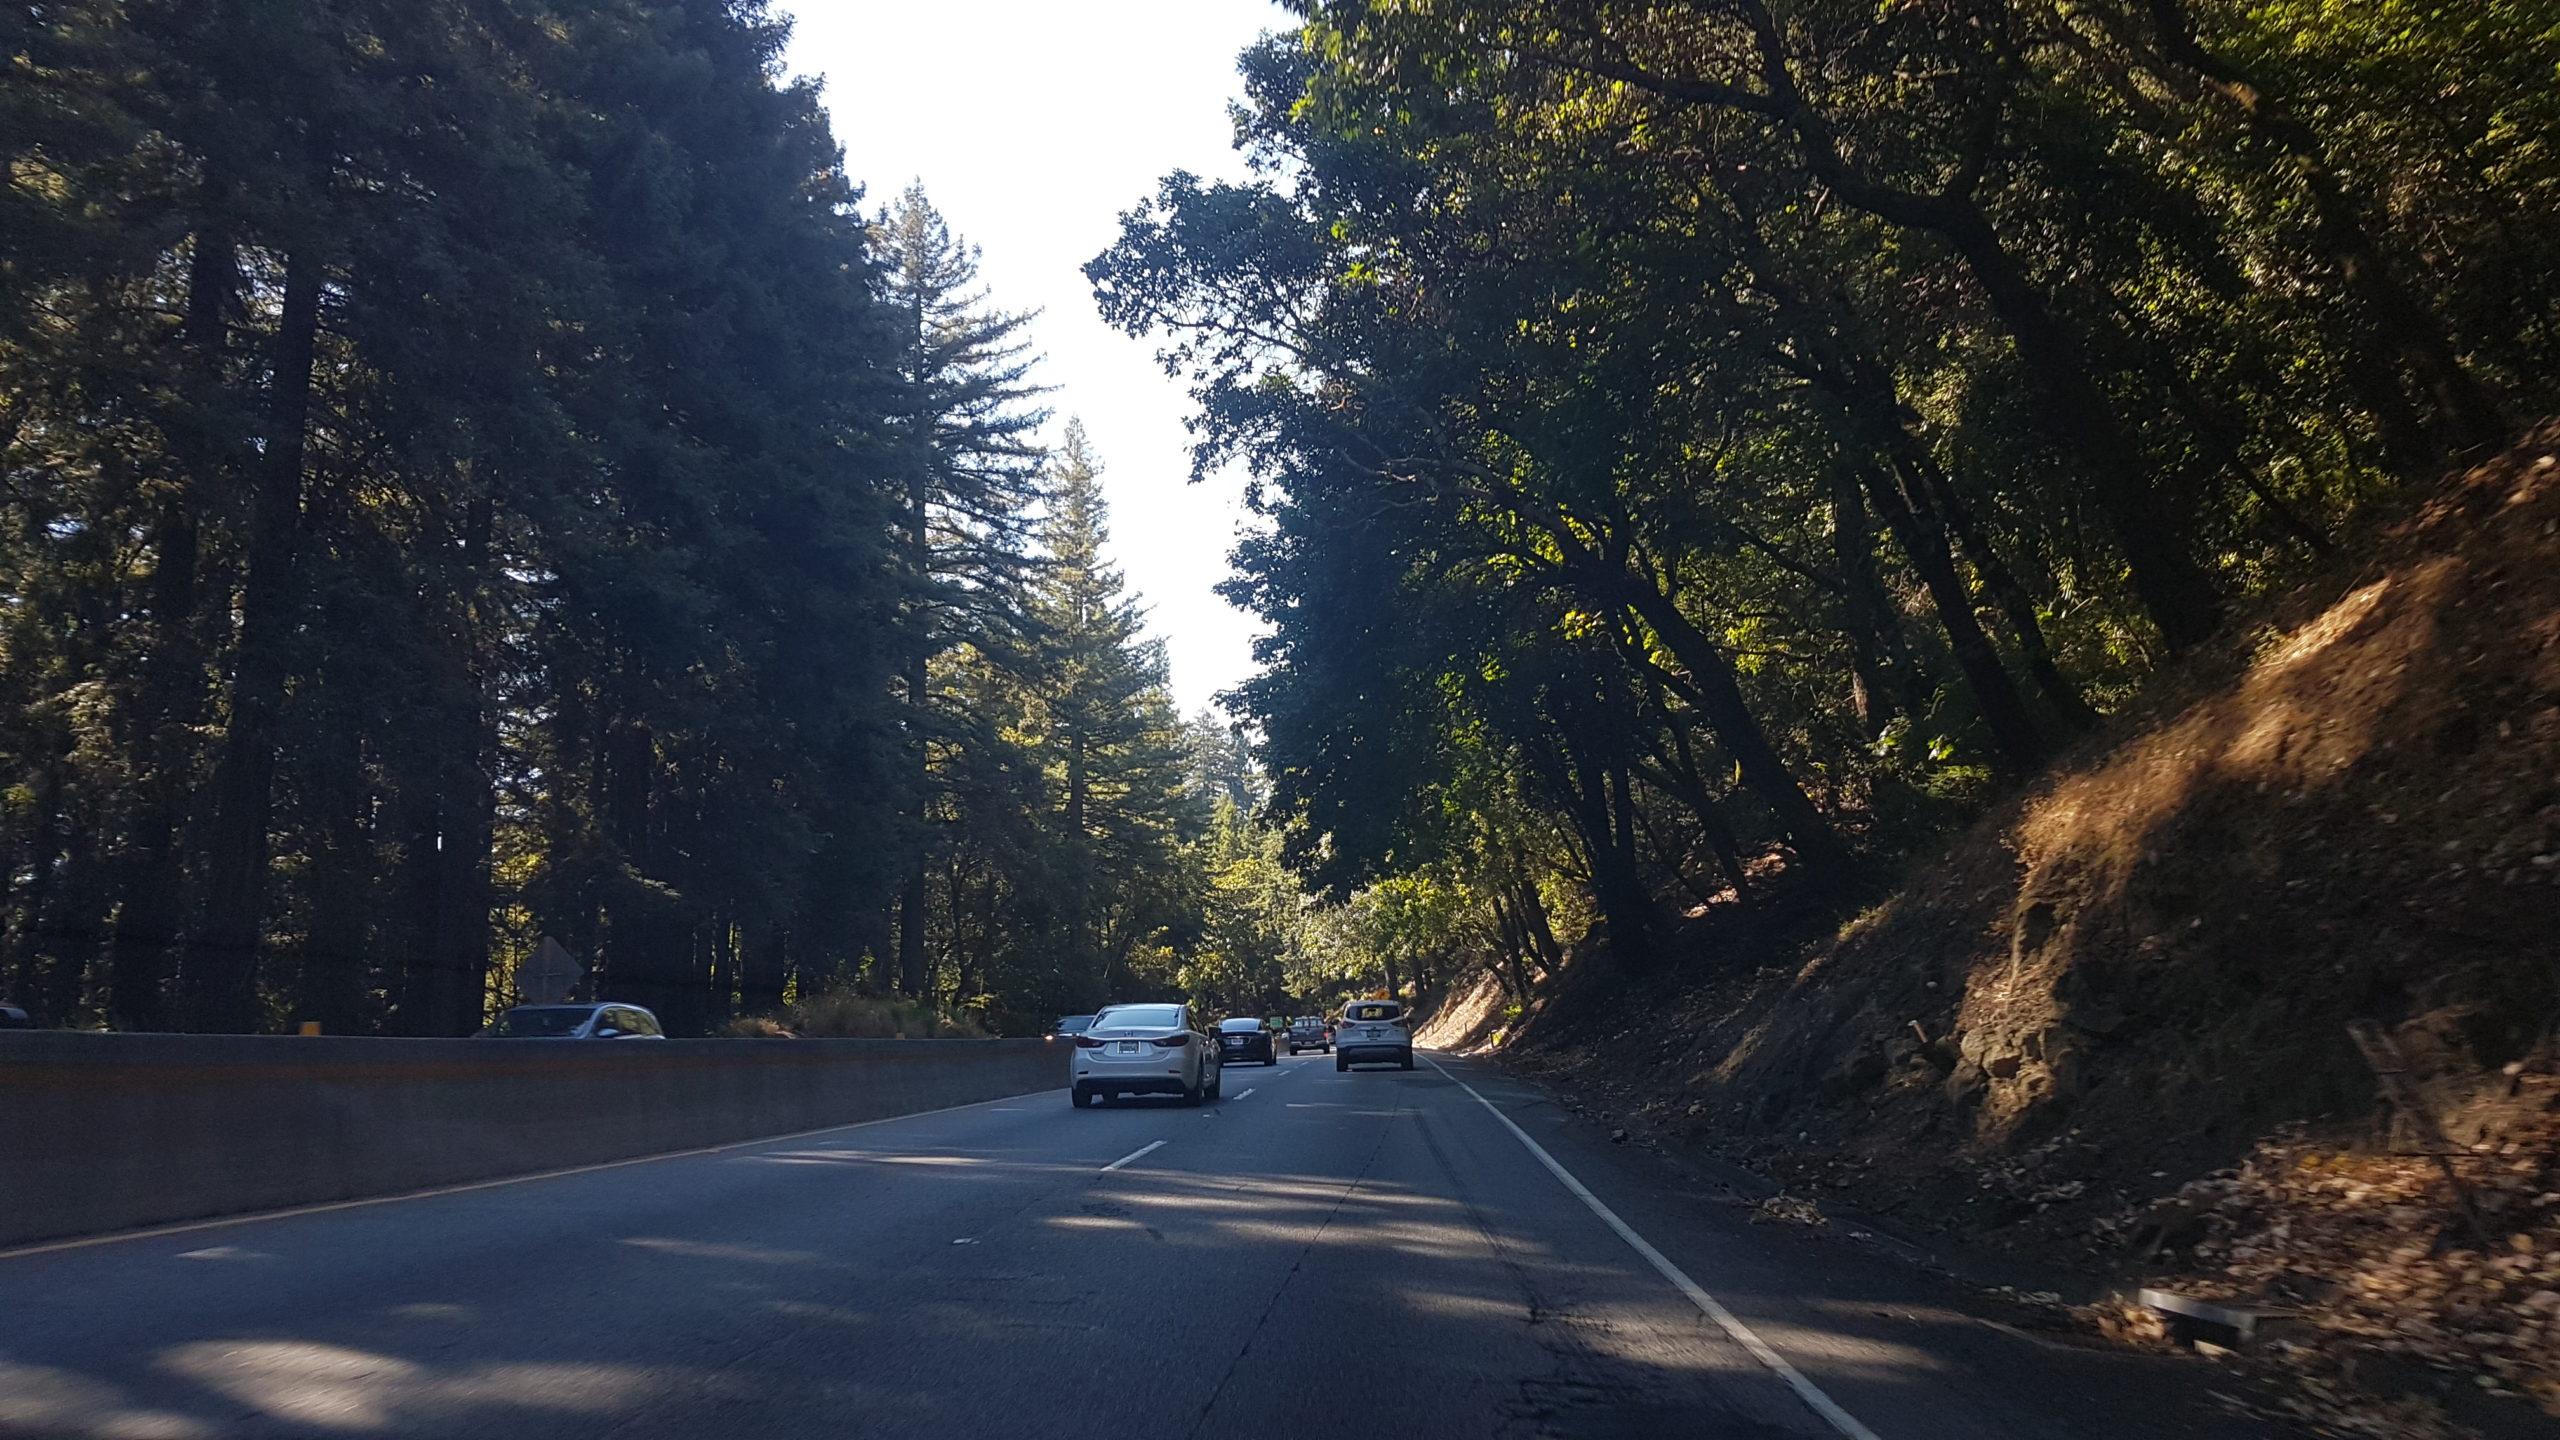 Cette partie du trajet dans les arbres est très agréable 😍